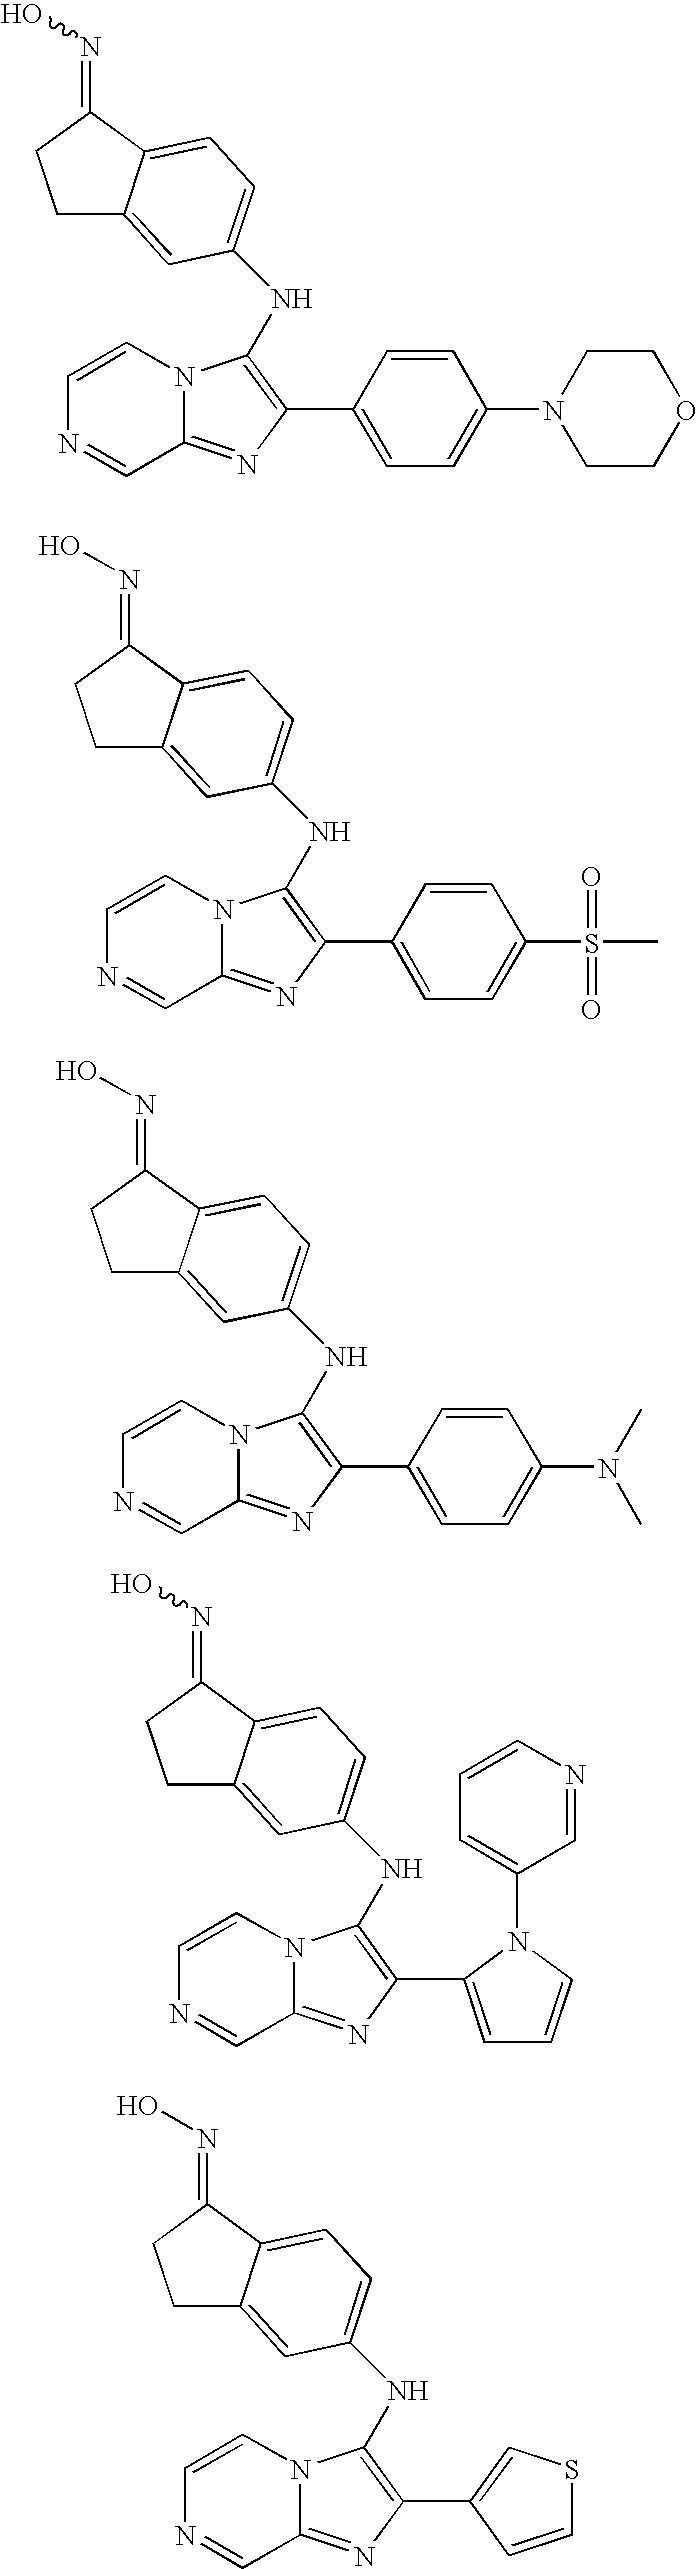 Figure US07566716-20090728-C00145